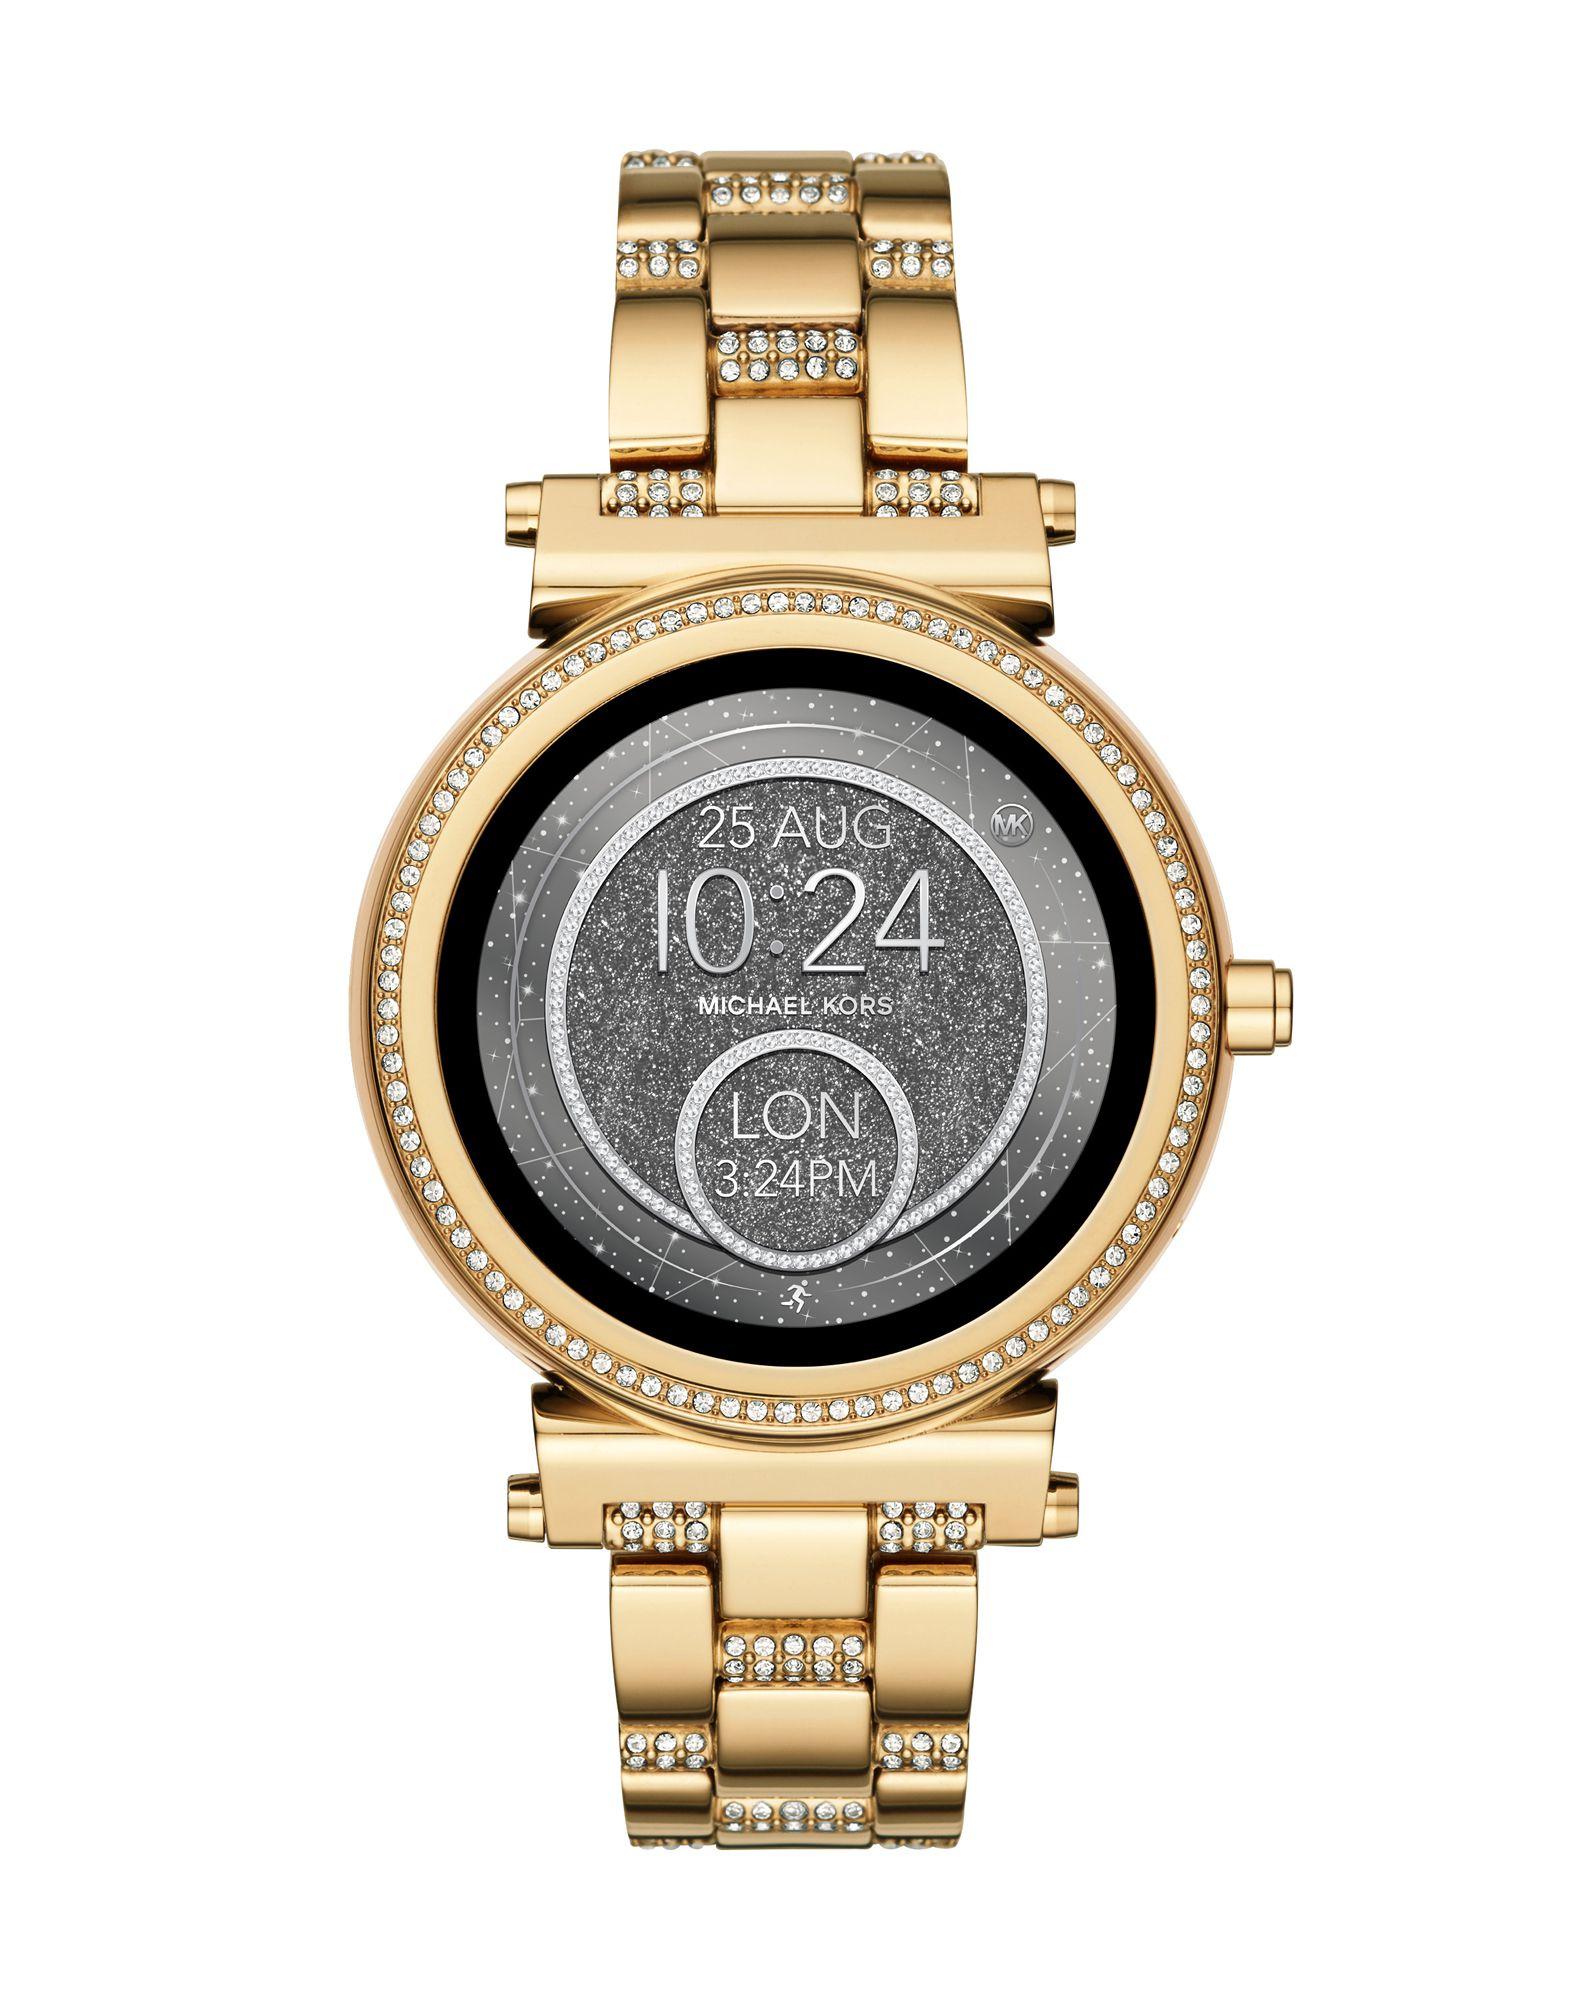 MICHAEL KORS ACCESS Damen Smartwatch Farbe Gold Größe 1 - broschei